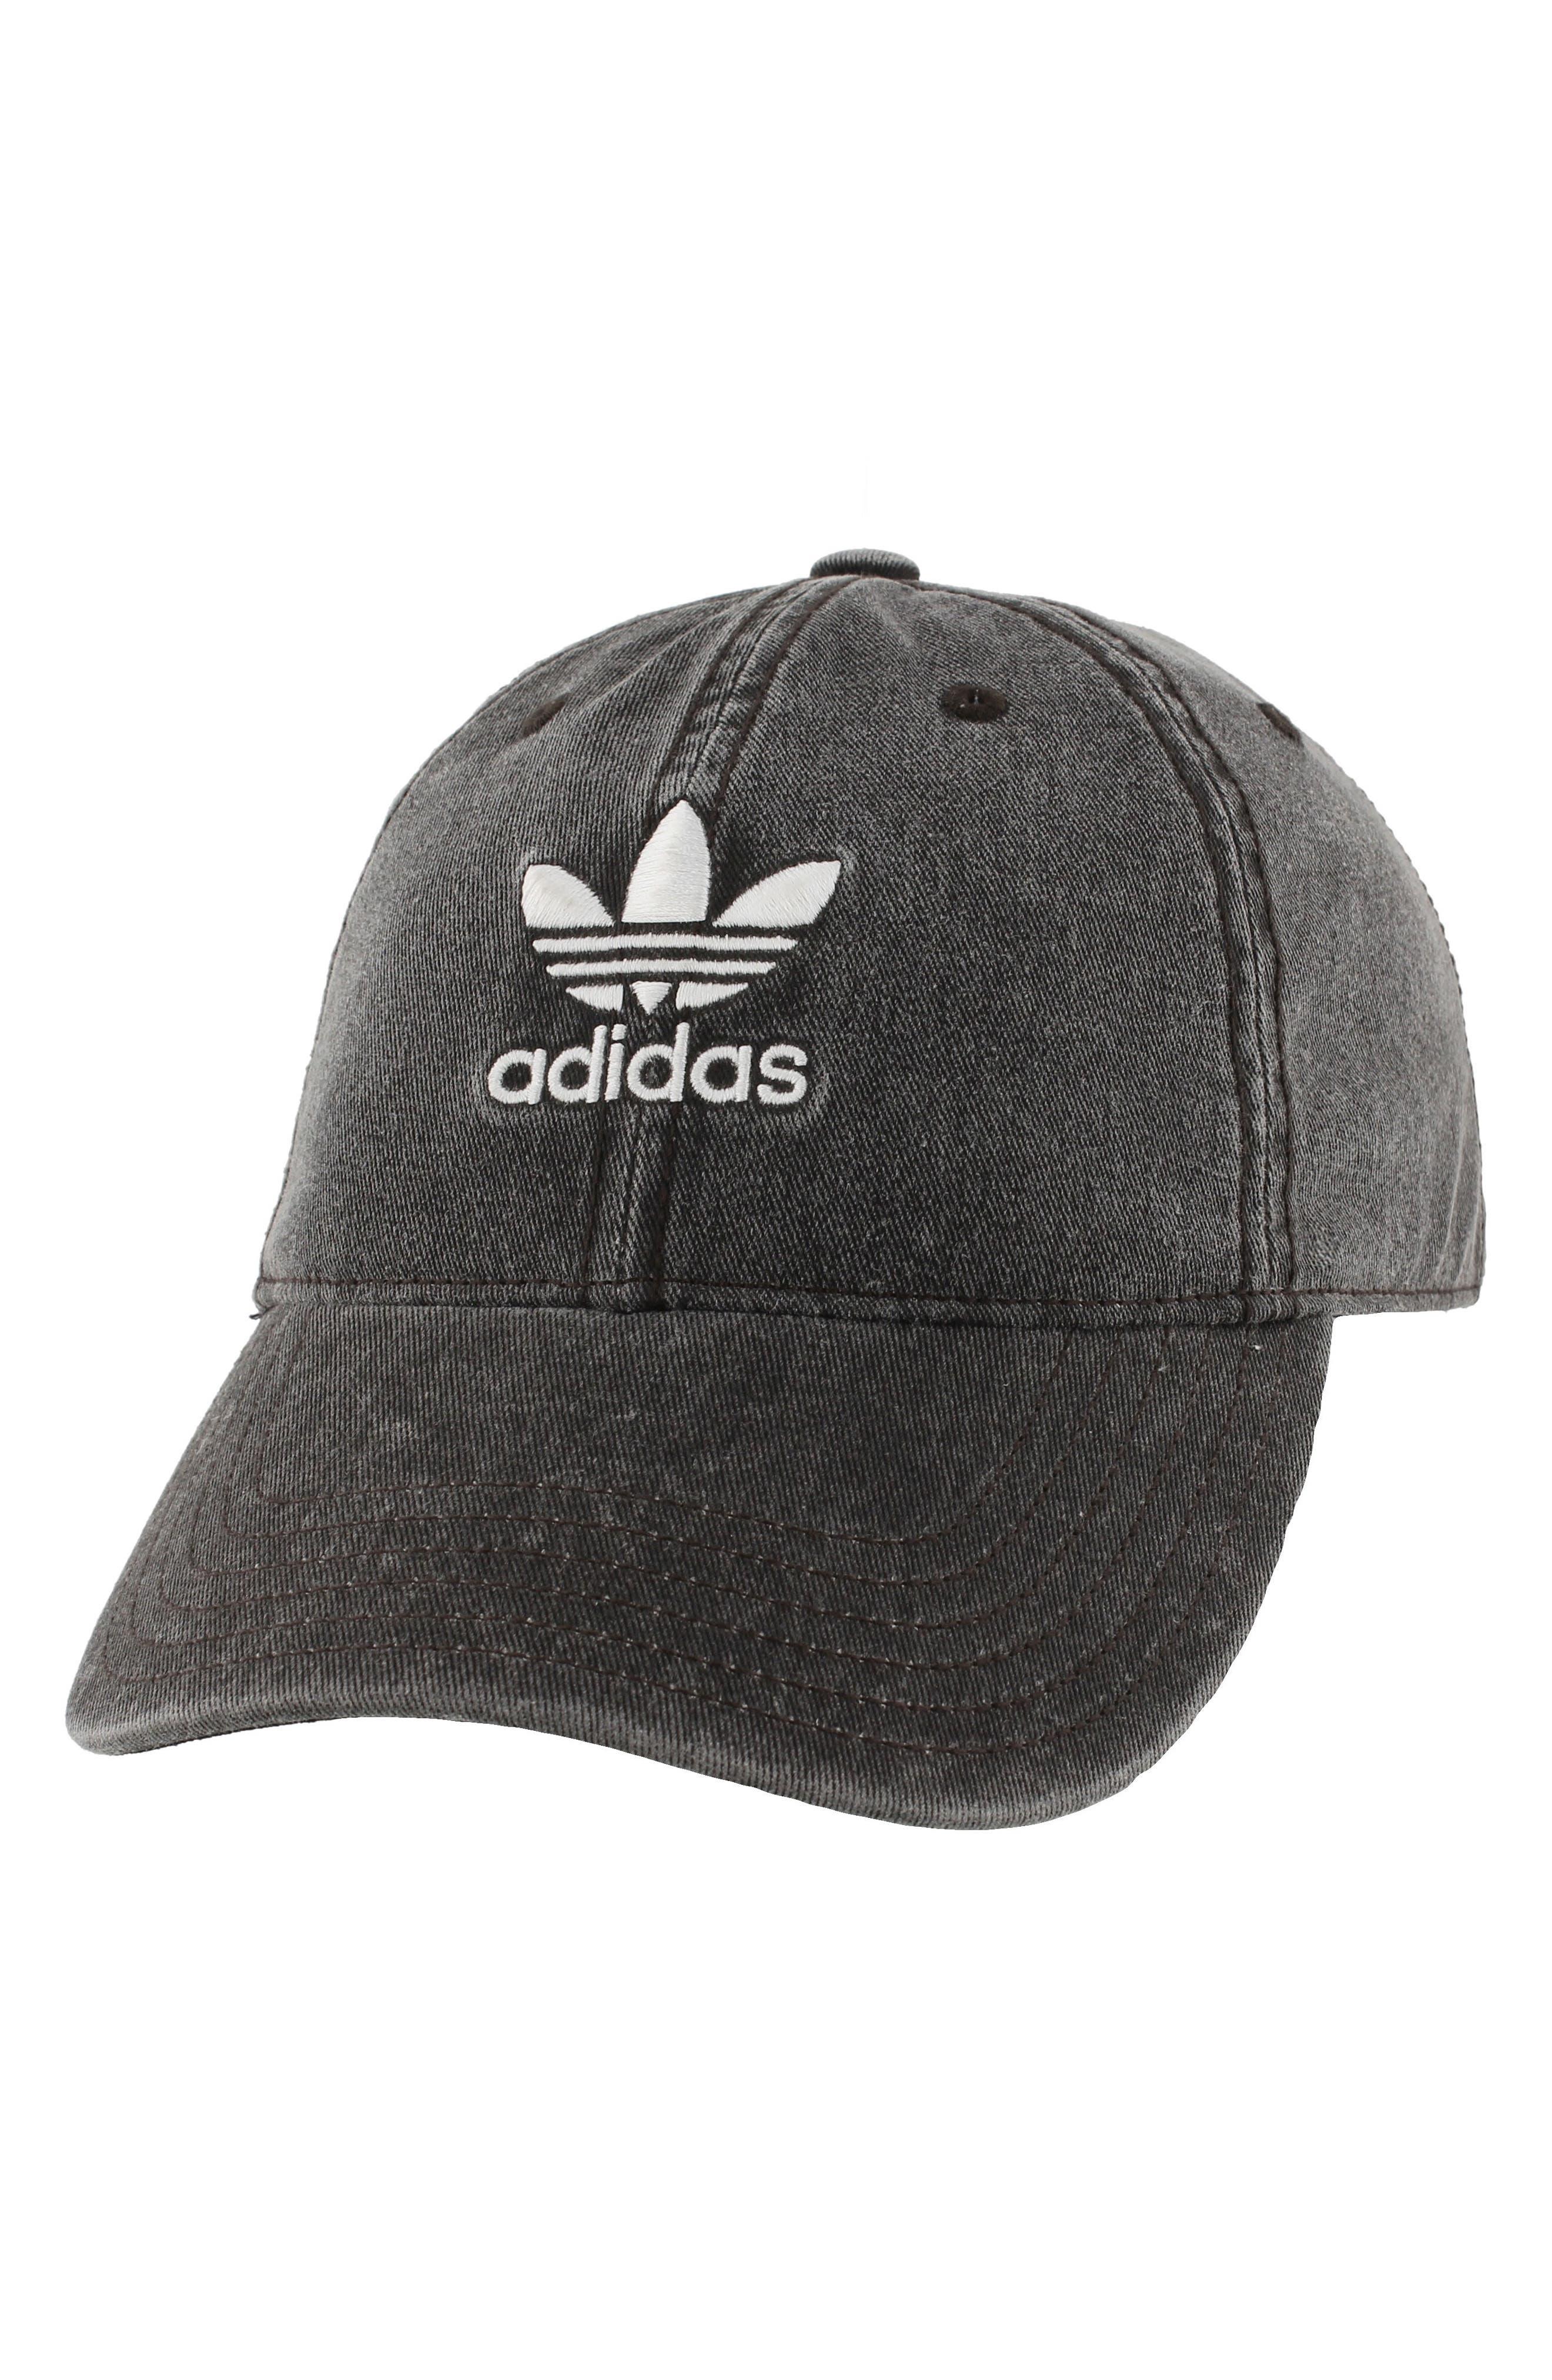 Originals Relaxed Strap-Back Cap,                         Main,                         color, Black